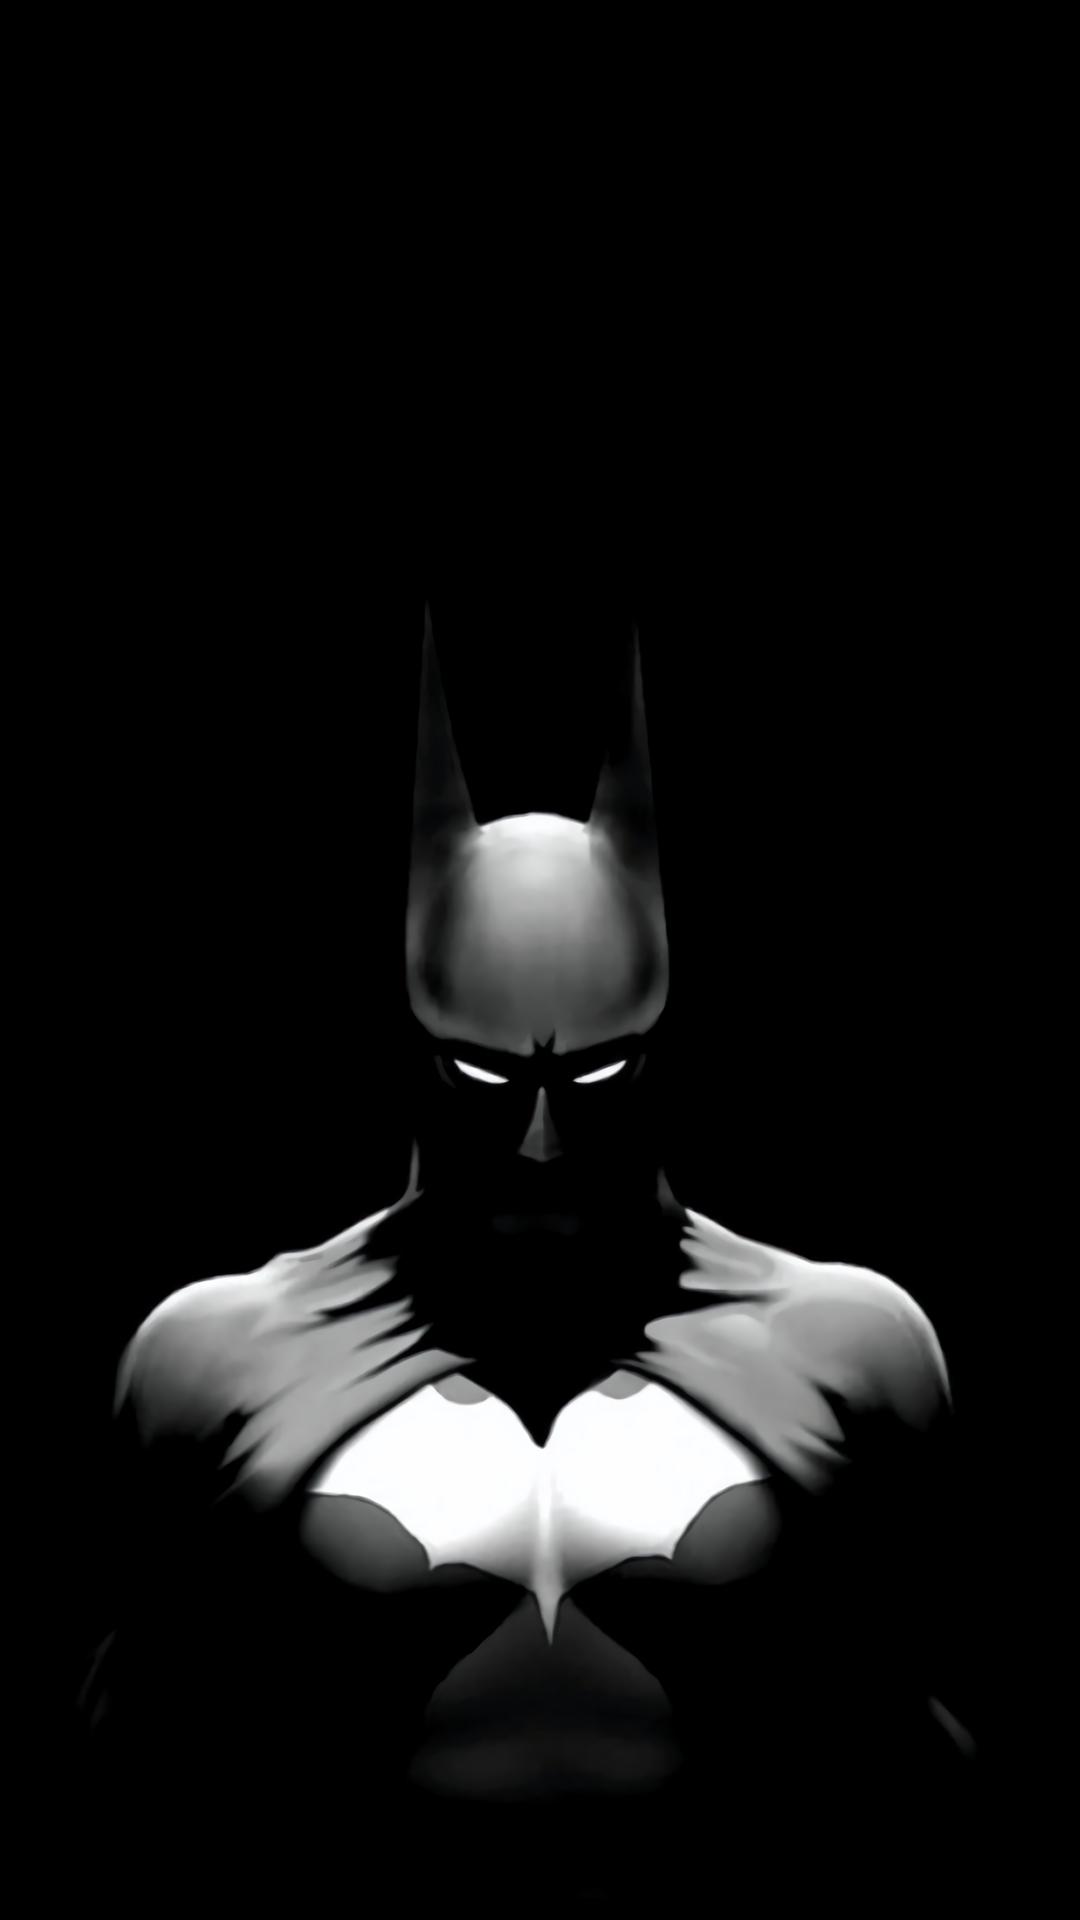 Hình nền Batman trắng đen đẹp nhất cho điện thoại